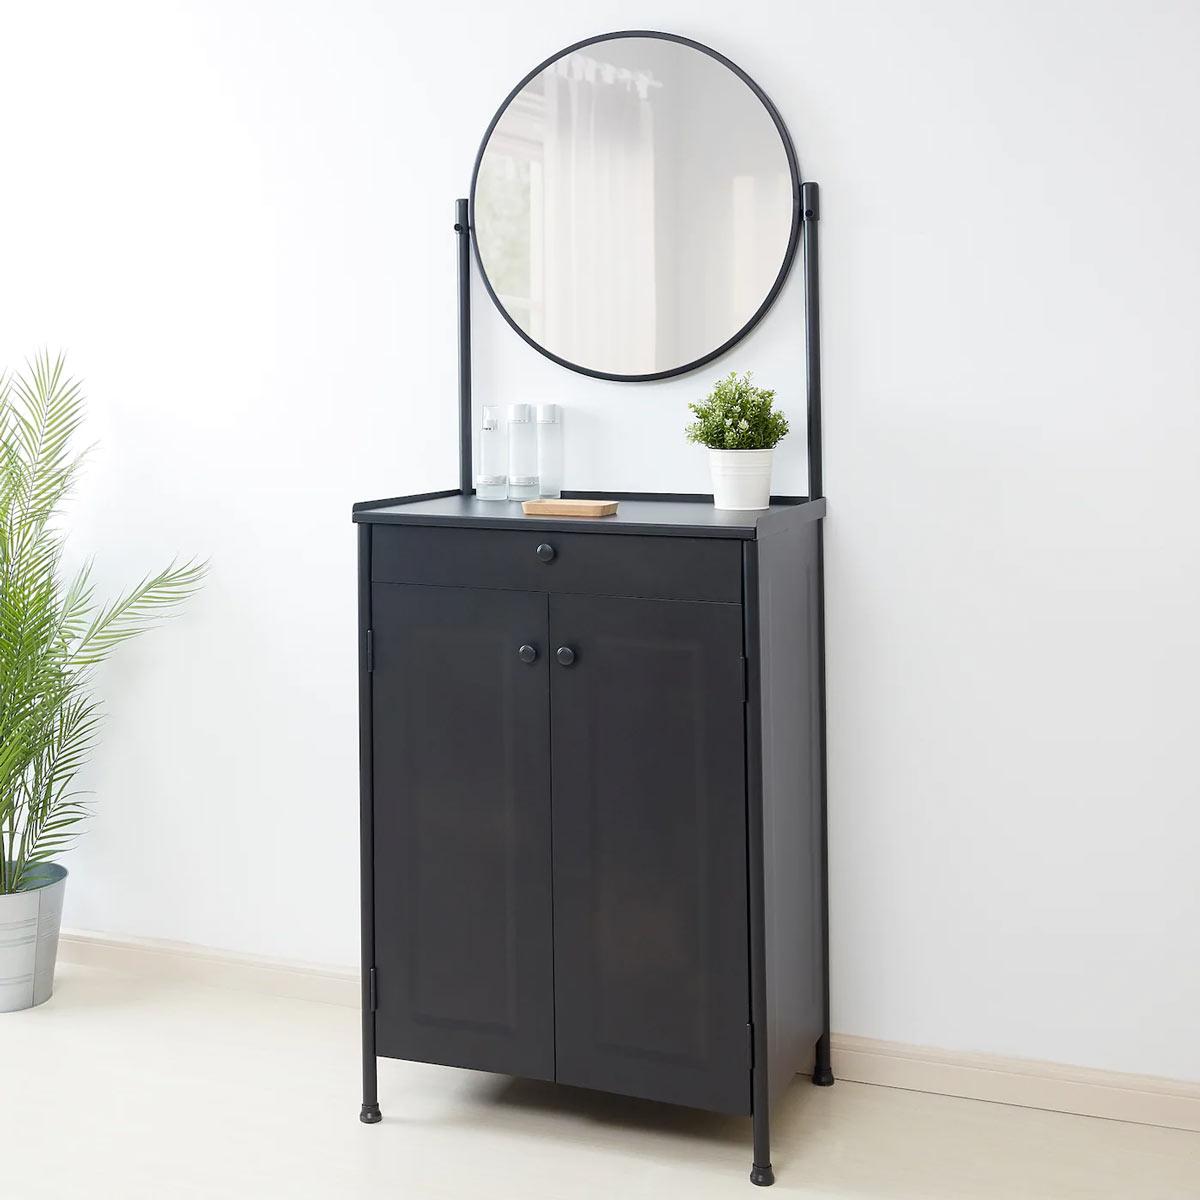 KORNSJÖ è il mobile IKEA con specchio